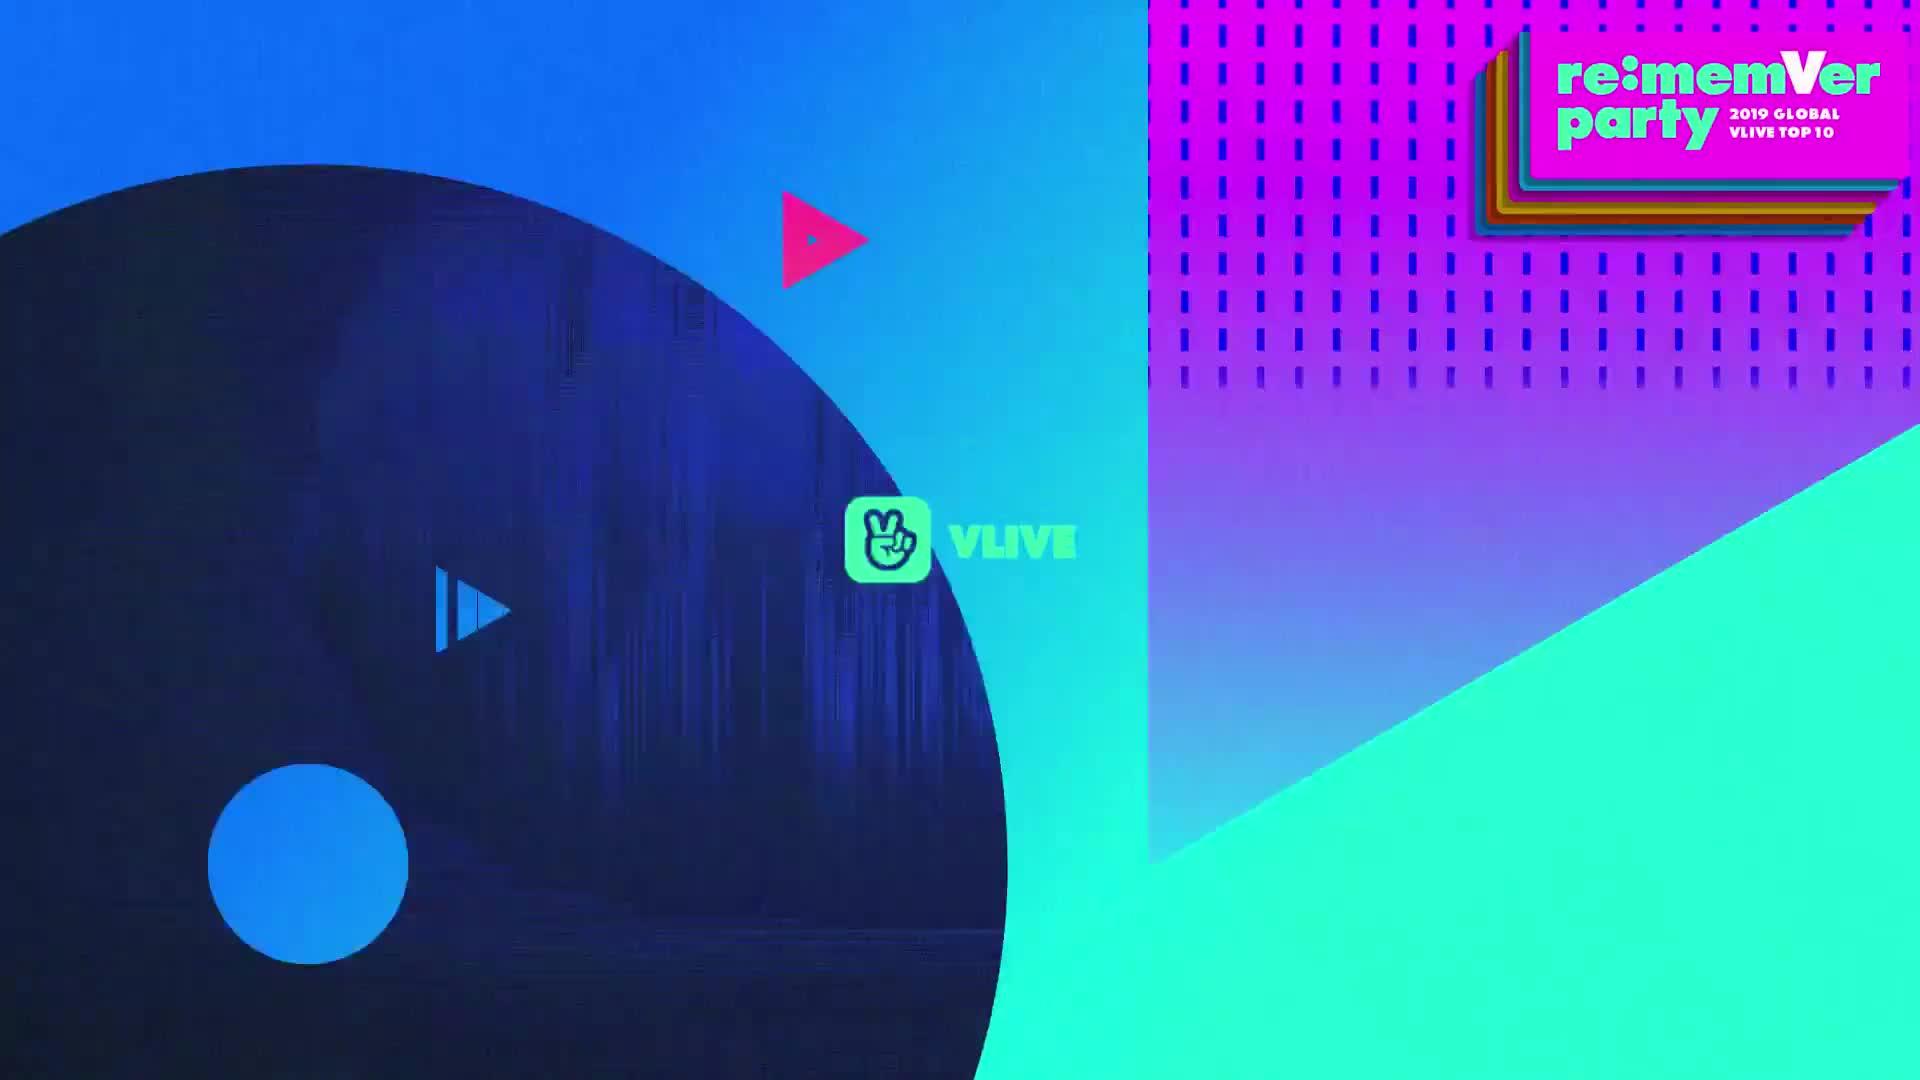 레드벨벳 리멤버파티 시상식 파트 1 / 2019 GLOBAL VLIVE TOP 10